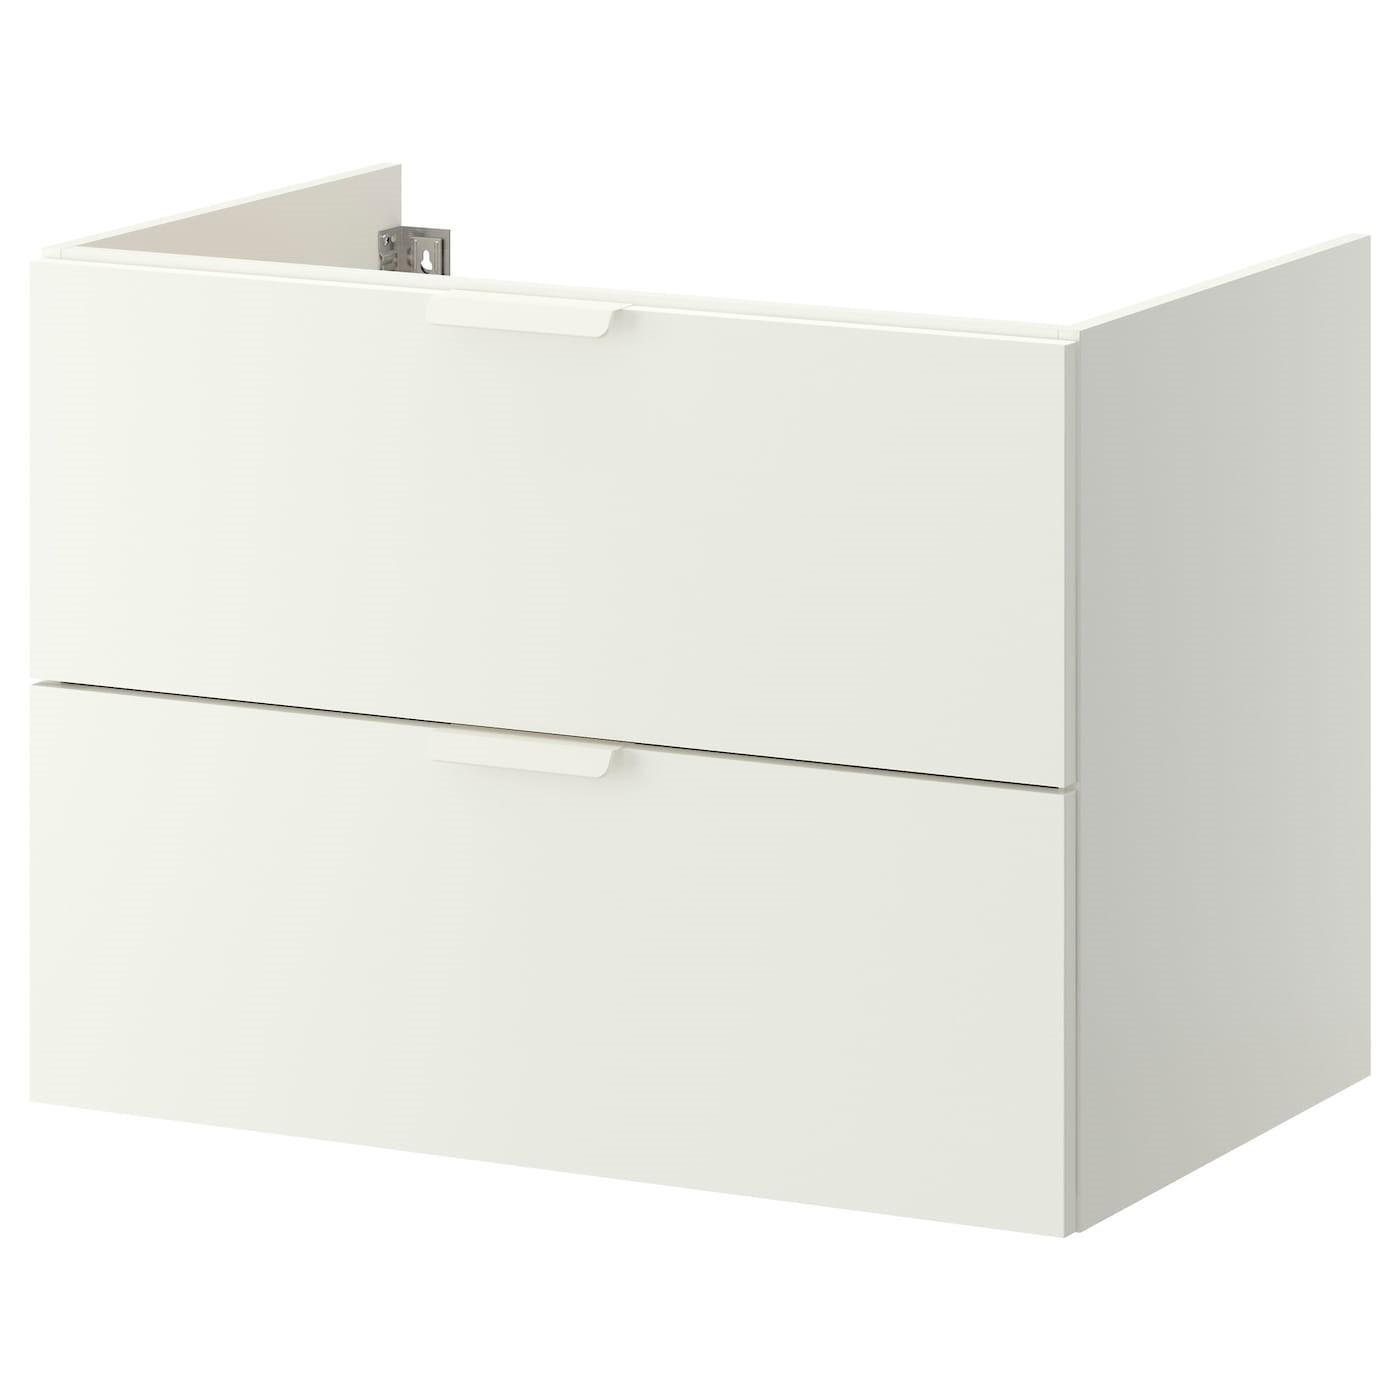 IKEA ГОДМОРГОН Шкаф для раковины с 2 ящ, белый, 80x47x58 см 002.811.04